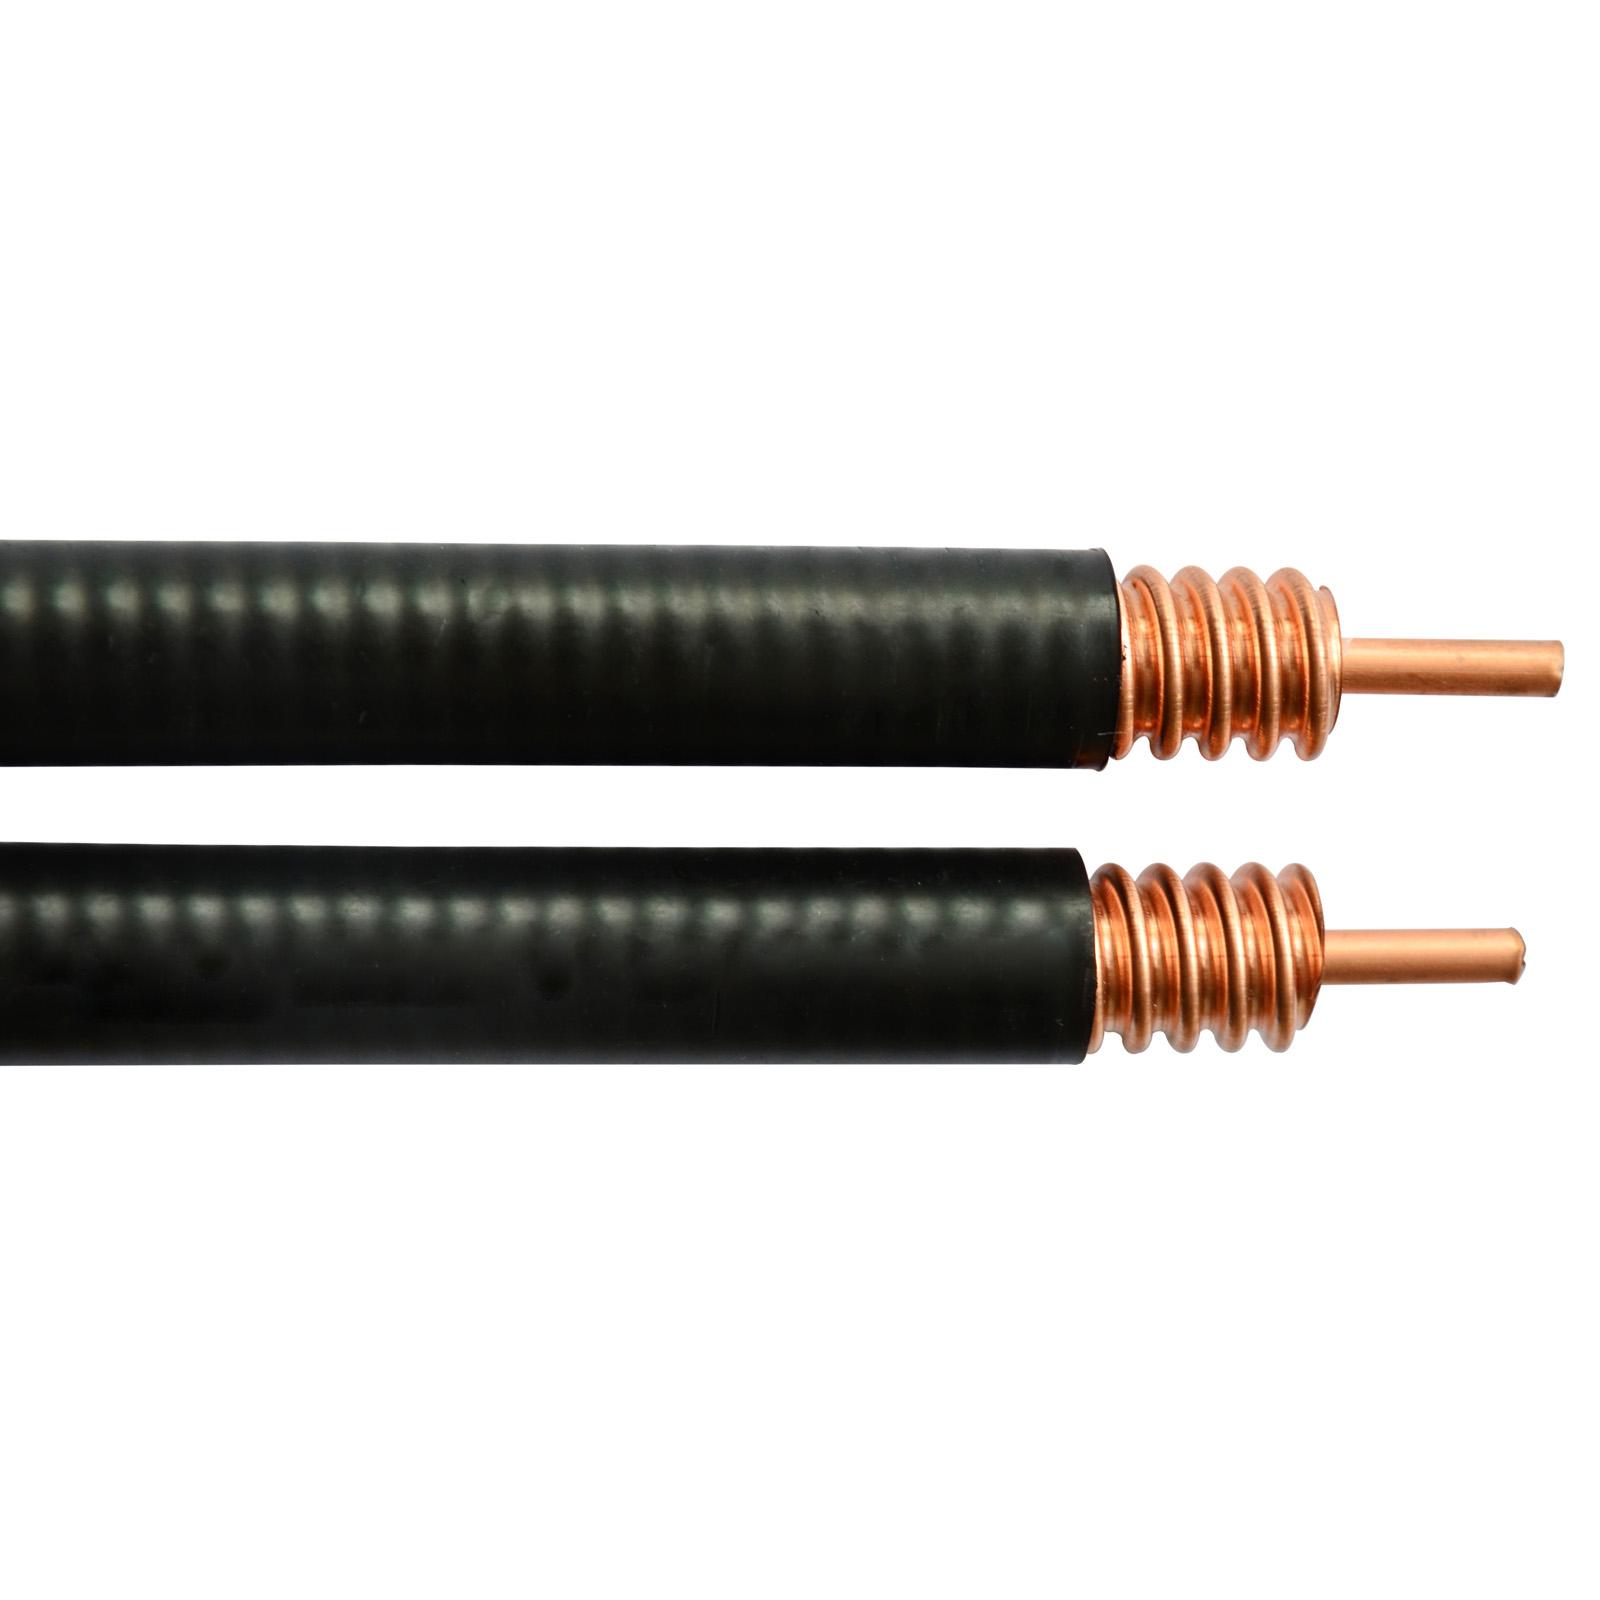 Skórowarka do kabli koncentrycznych 3mm-18mm BZW-886B